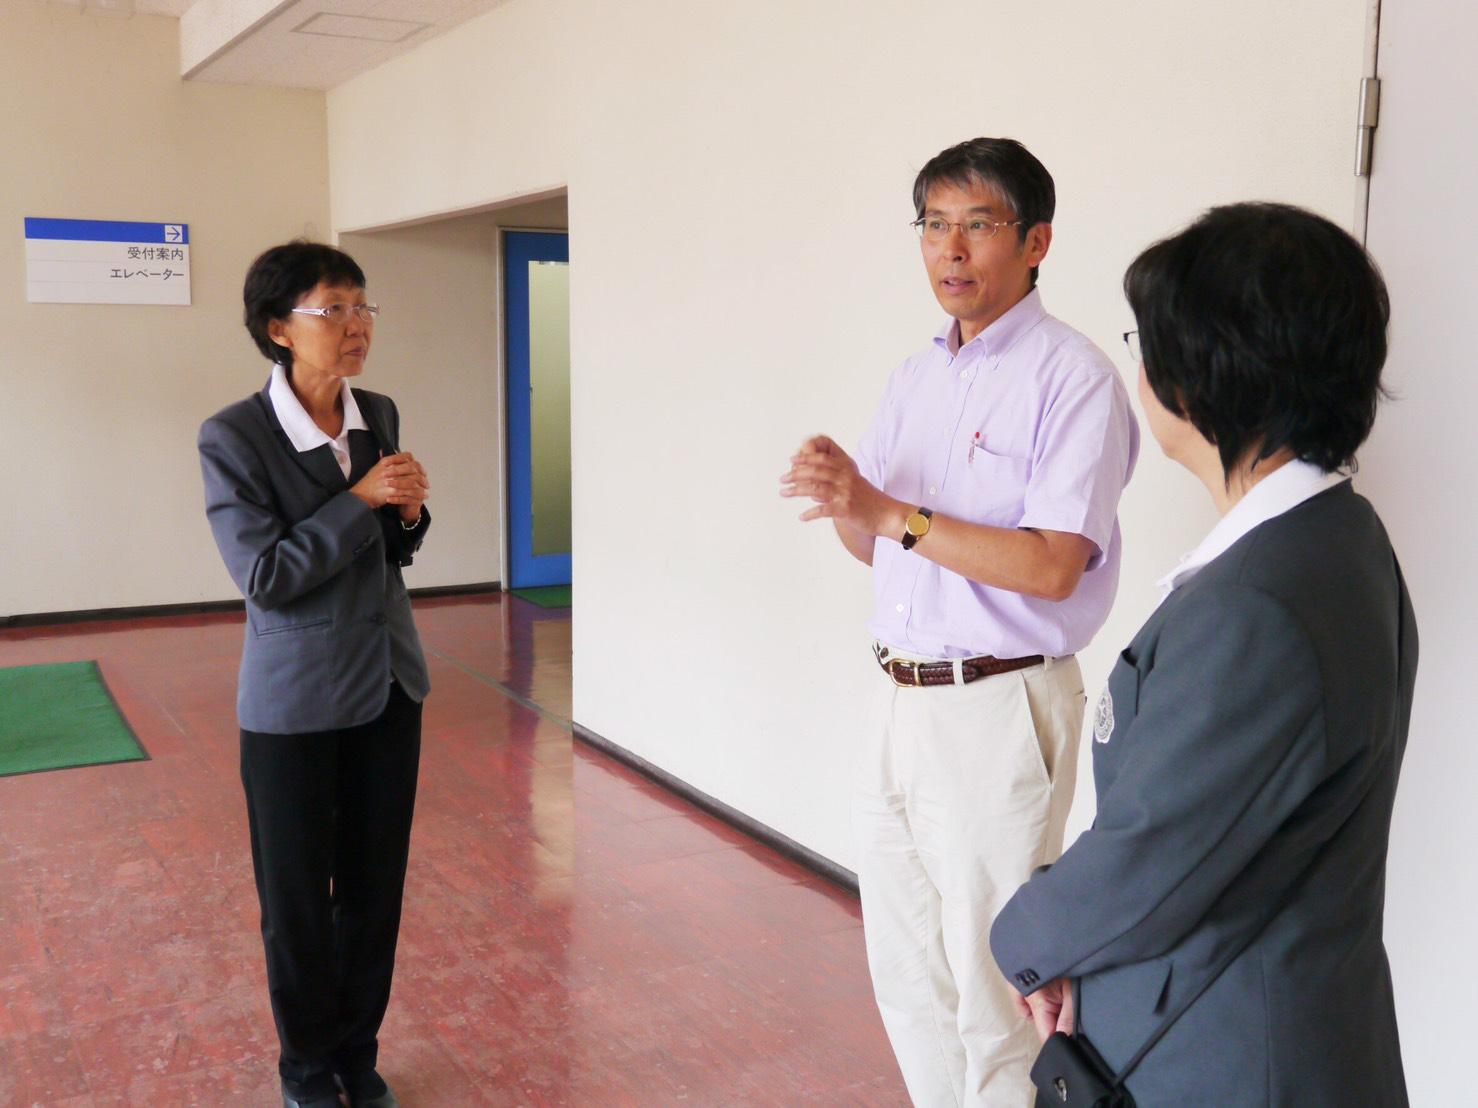 情報学群長、長谷川秀彦教授から説明を受けるシーナカリンウィロート大学、Dr.Sirinoot学部長